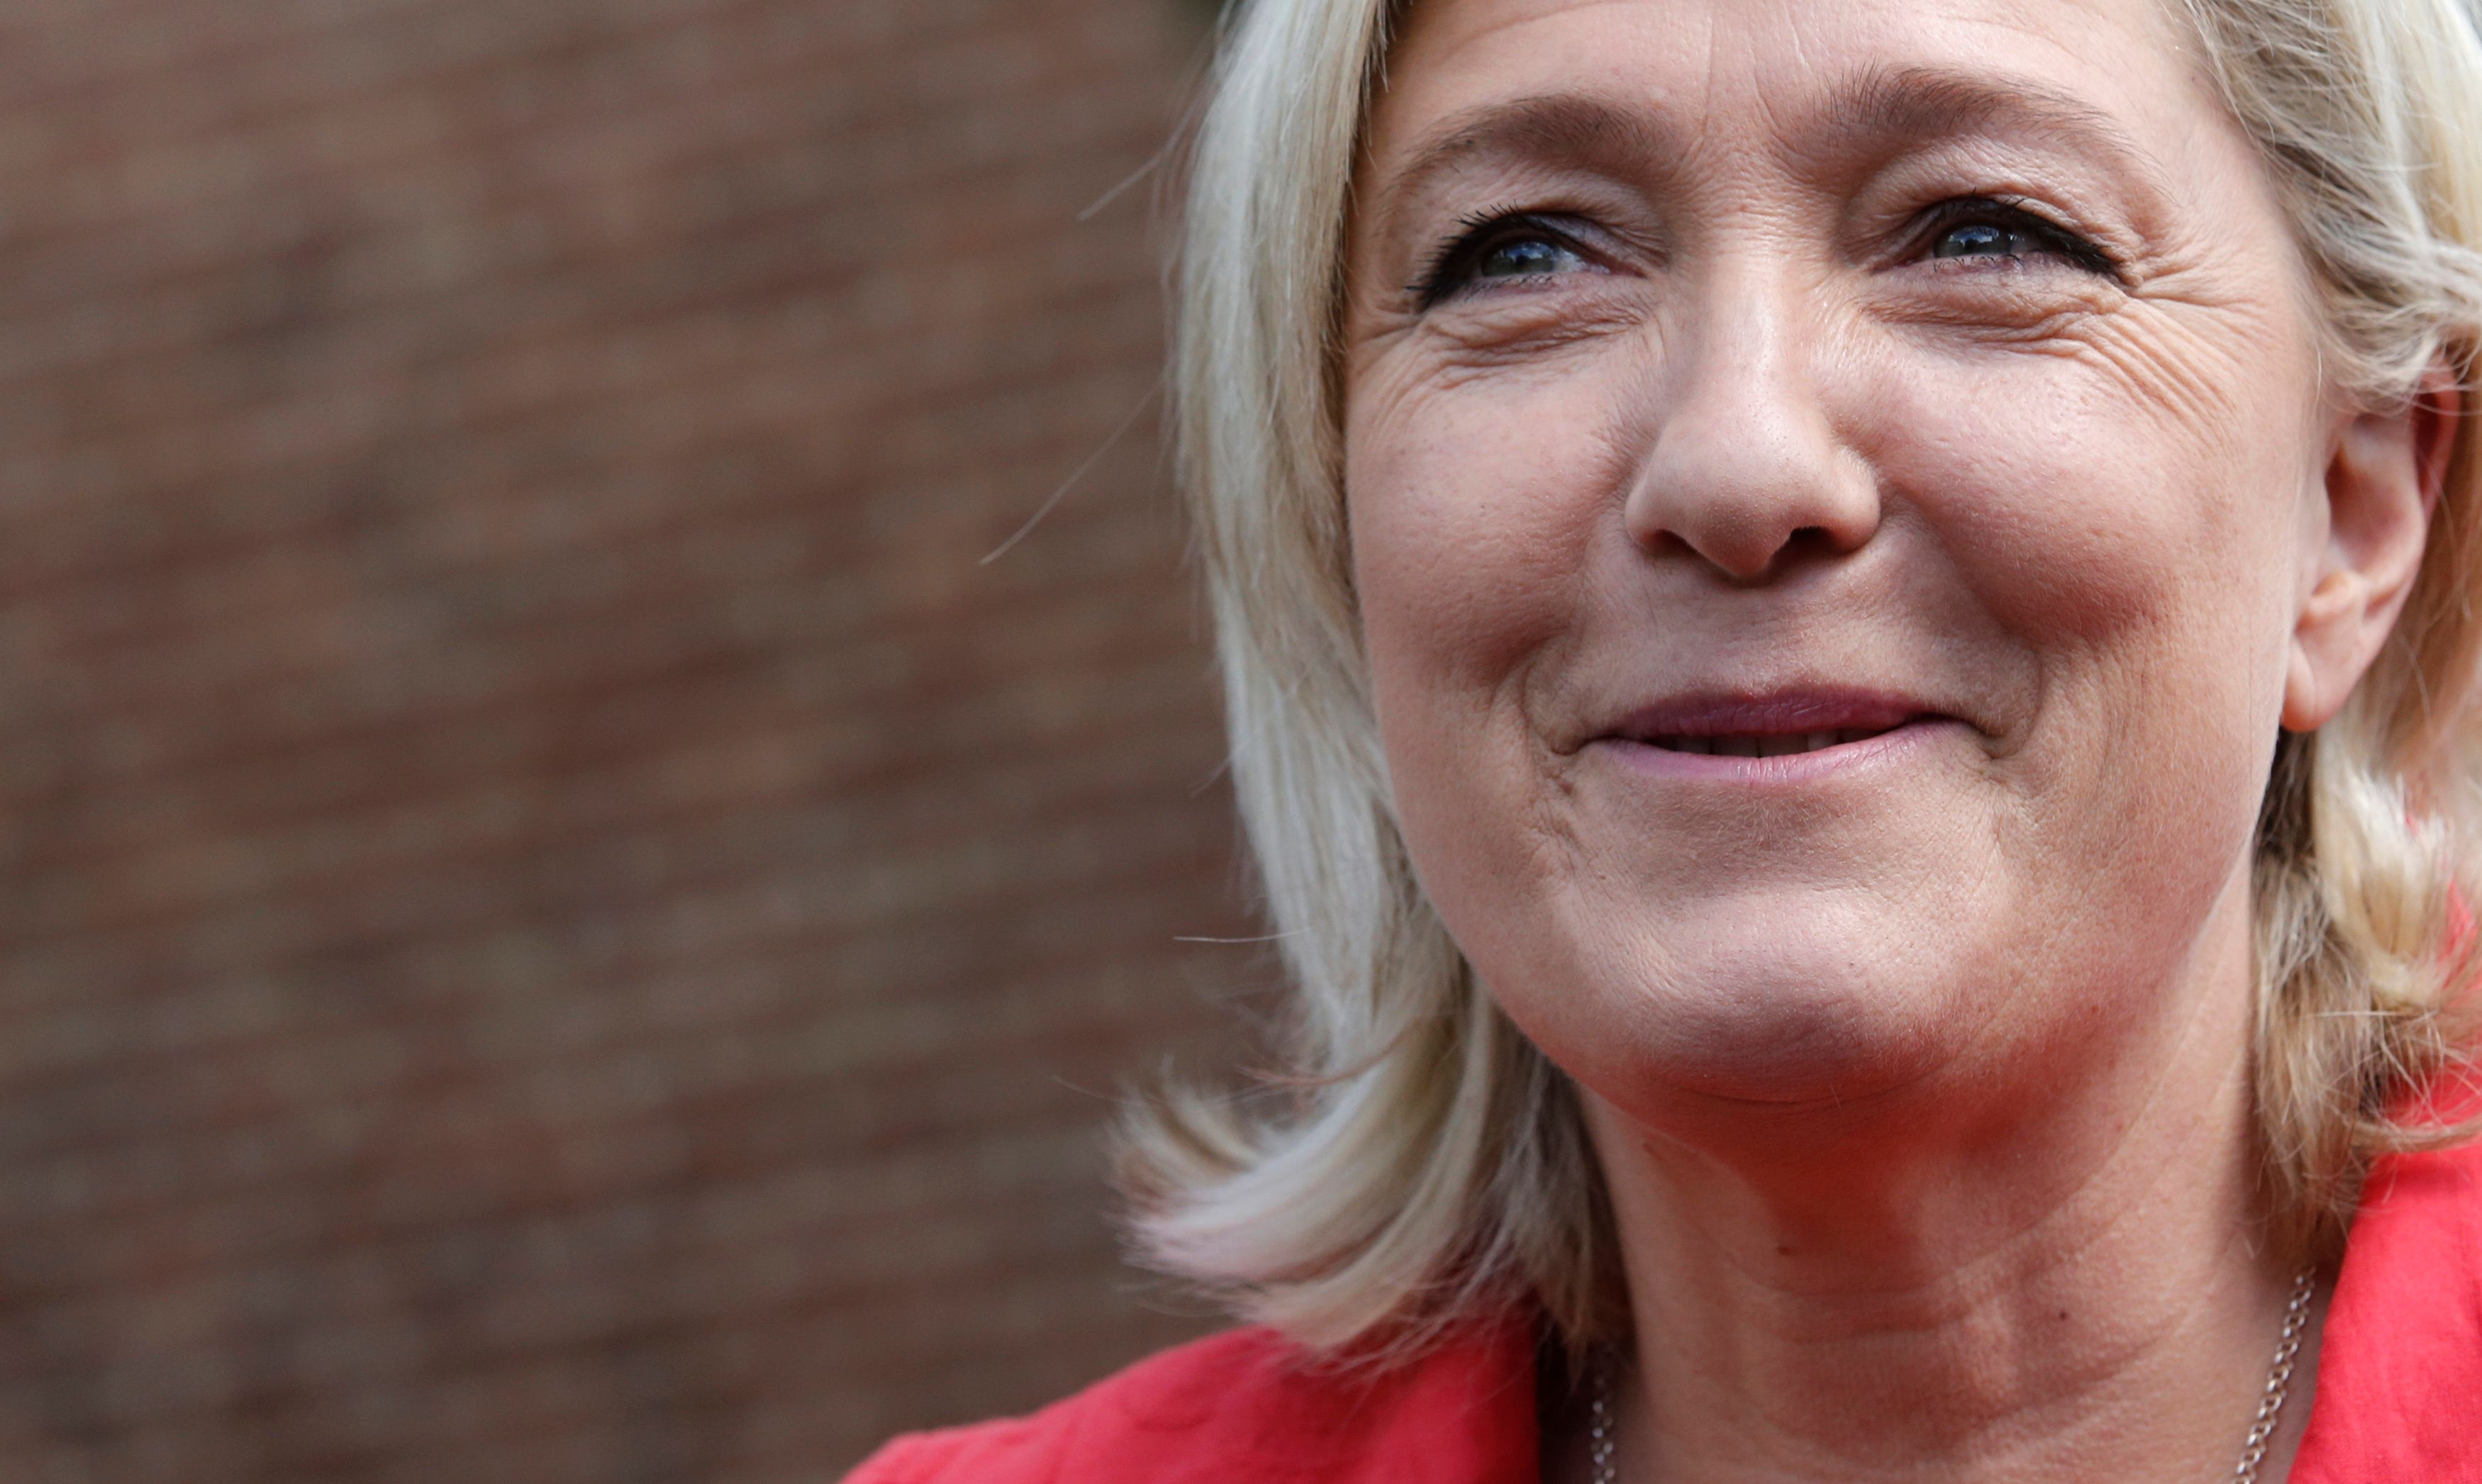 Grâce à Closer on sait que Marine Le Pen a menti au Parlement européen